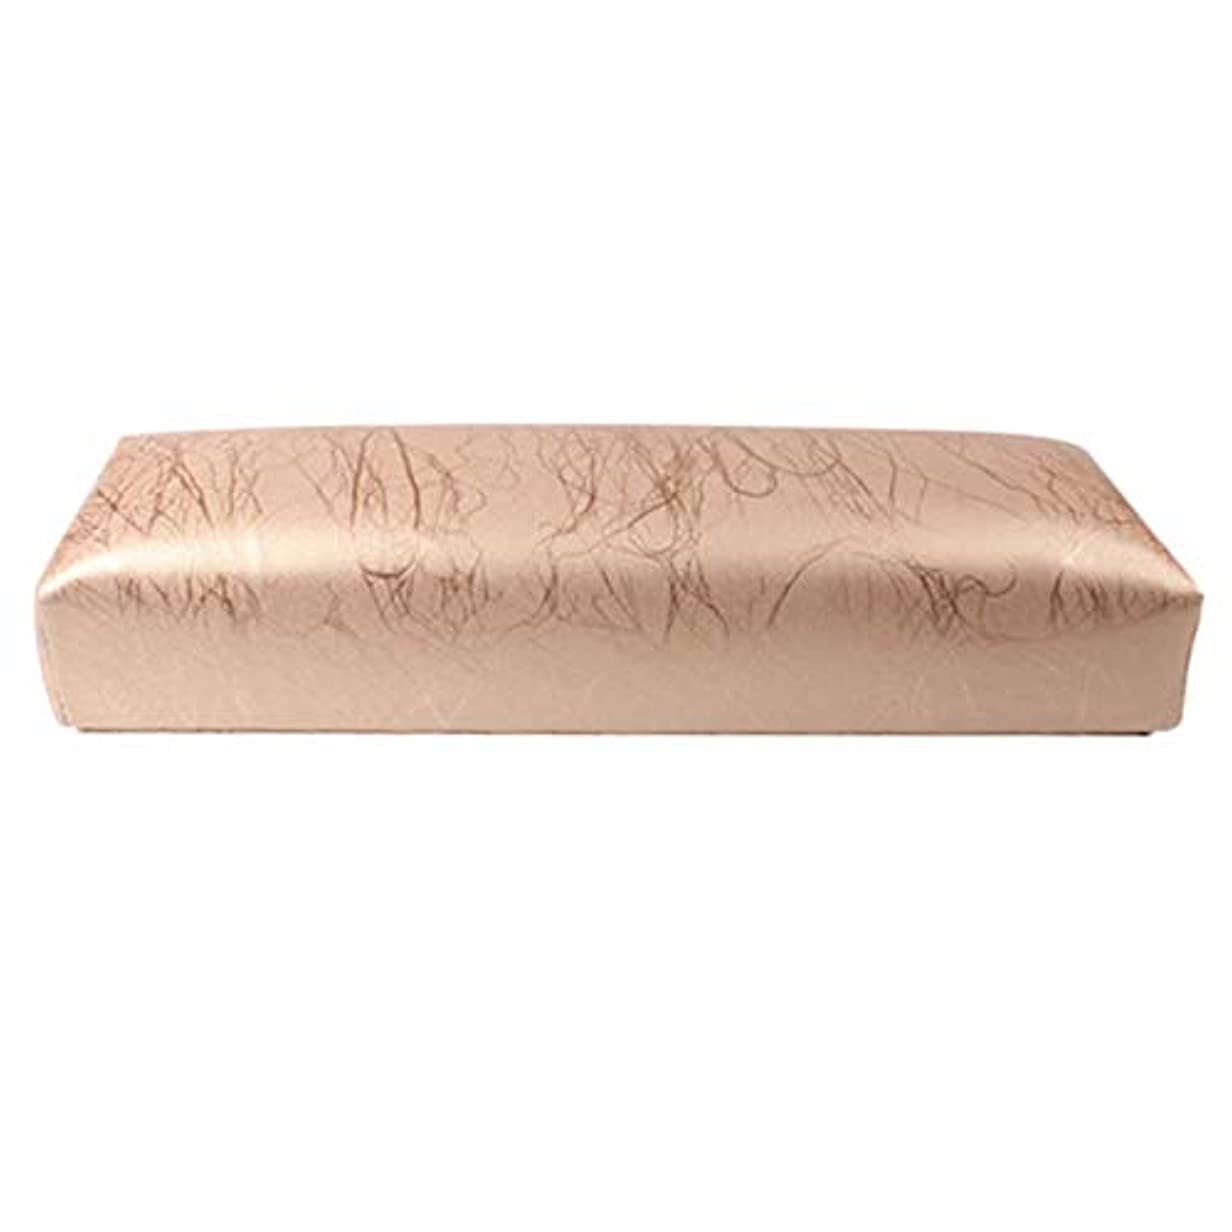 マオリスマート雪のTOOGOO ネイル用マニキュアハンド枕長方形PUレザーハンドレストクッションネイルピローサロンハンドホルダーアームレストレストマニキュアネイルアートアクセサリーツールゴールド